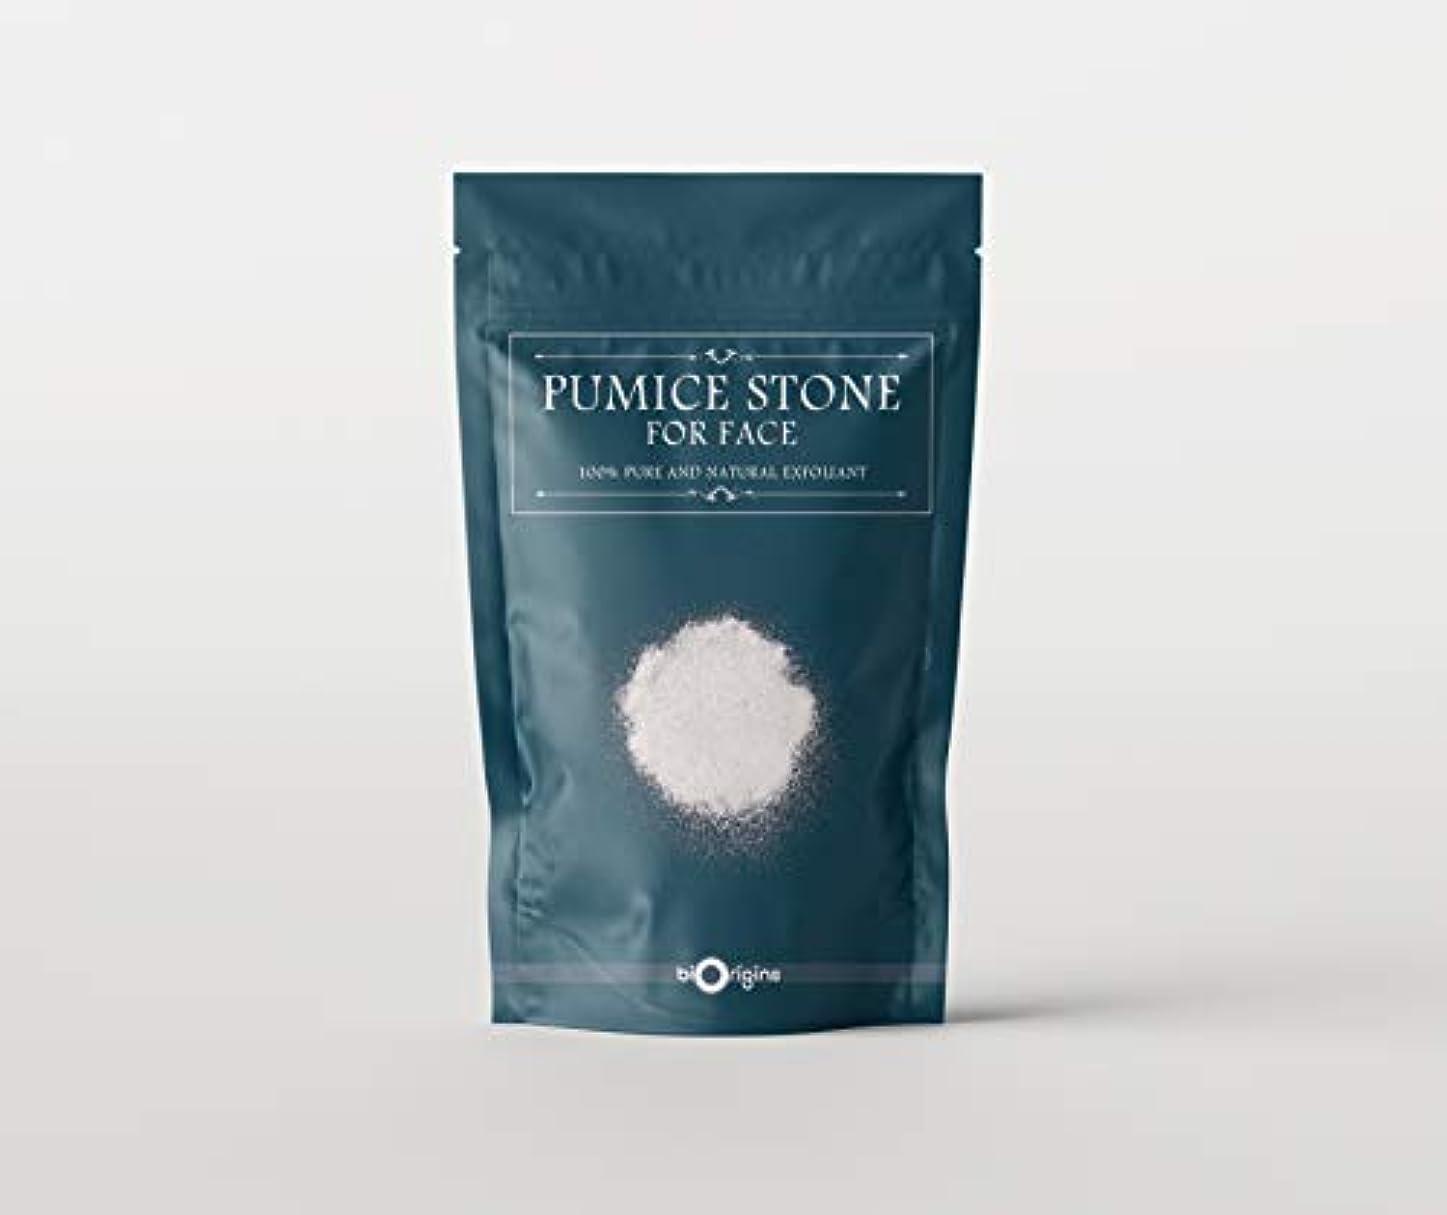 事業駐地フェリーPumice Stone Superfine For Face Exfoliant 1Kg